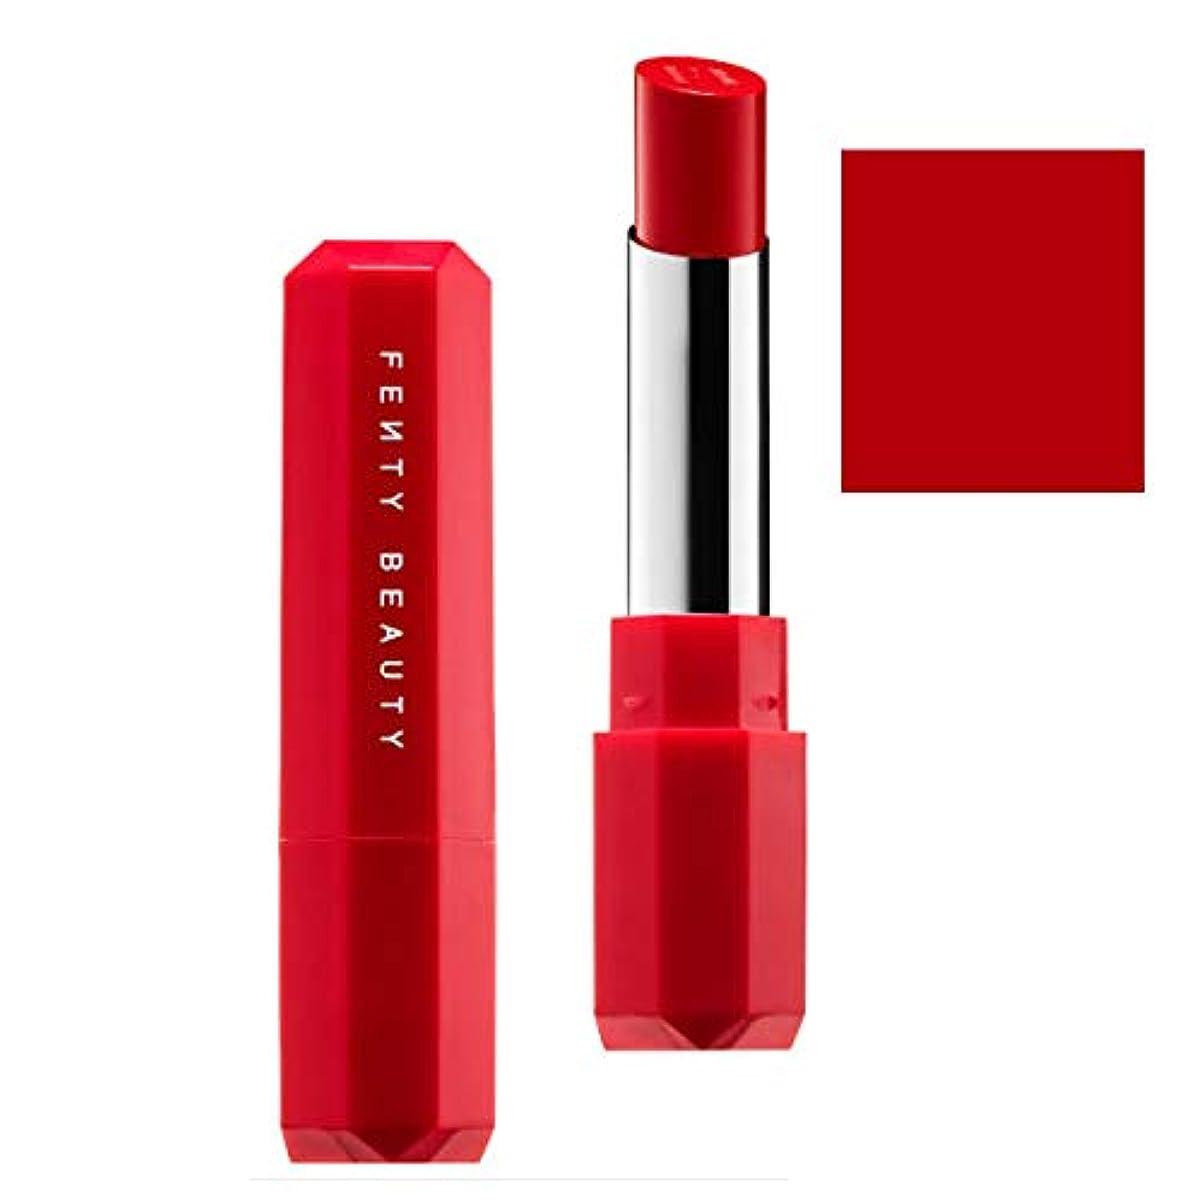 露骨な瞑想ほうきFENTY BEAUTY BY RIHANNA,New!!, 限定版 limited-edition, Poutsicle Juicy Satin Lipstick - Hot Blooded [海外直送品] [並行輸入品]